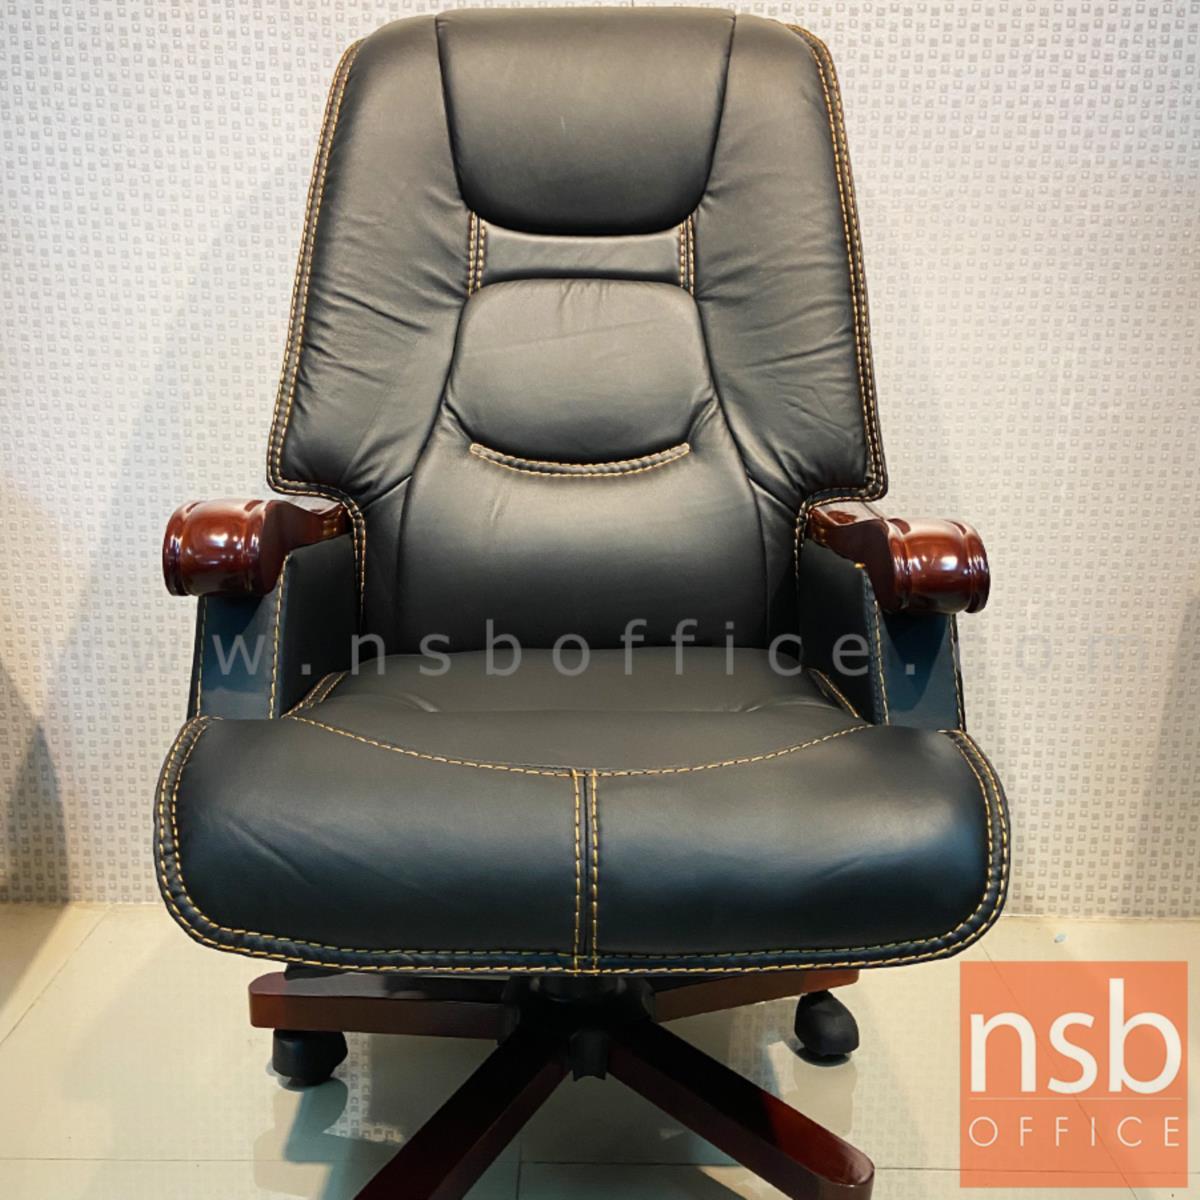 เก้าอี้ผู้บริหารหนังแท้ ปรับระดับการเอนได้ รุ่น Bridgeport (บริดจ์พอร์ต)  แขน-ขาไม้